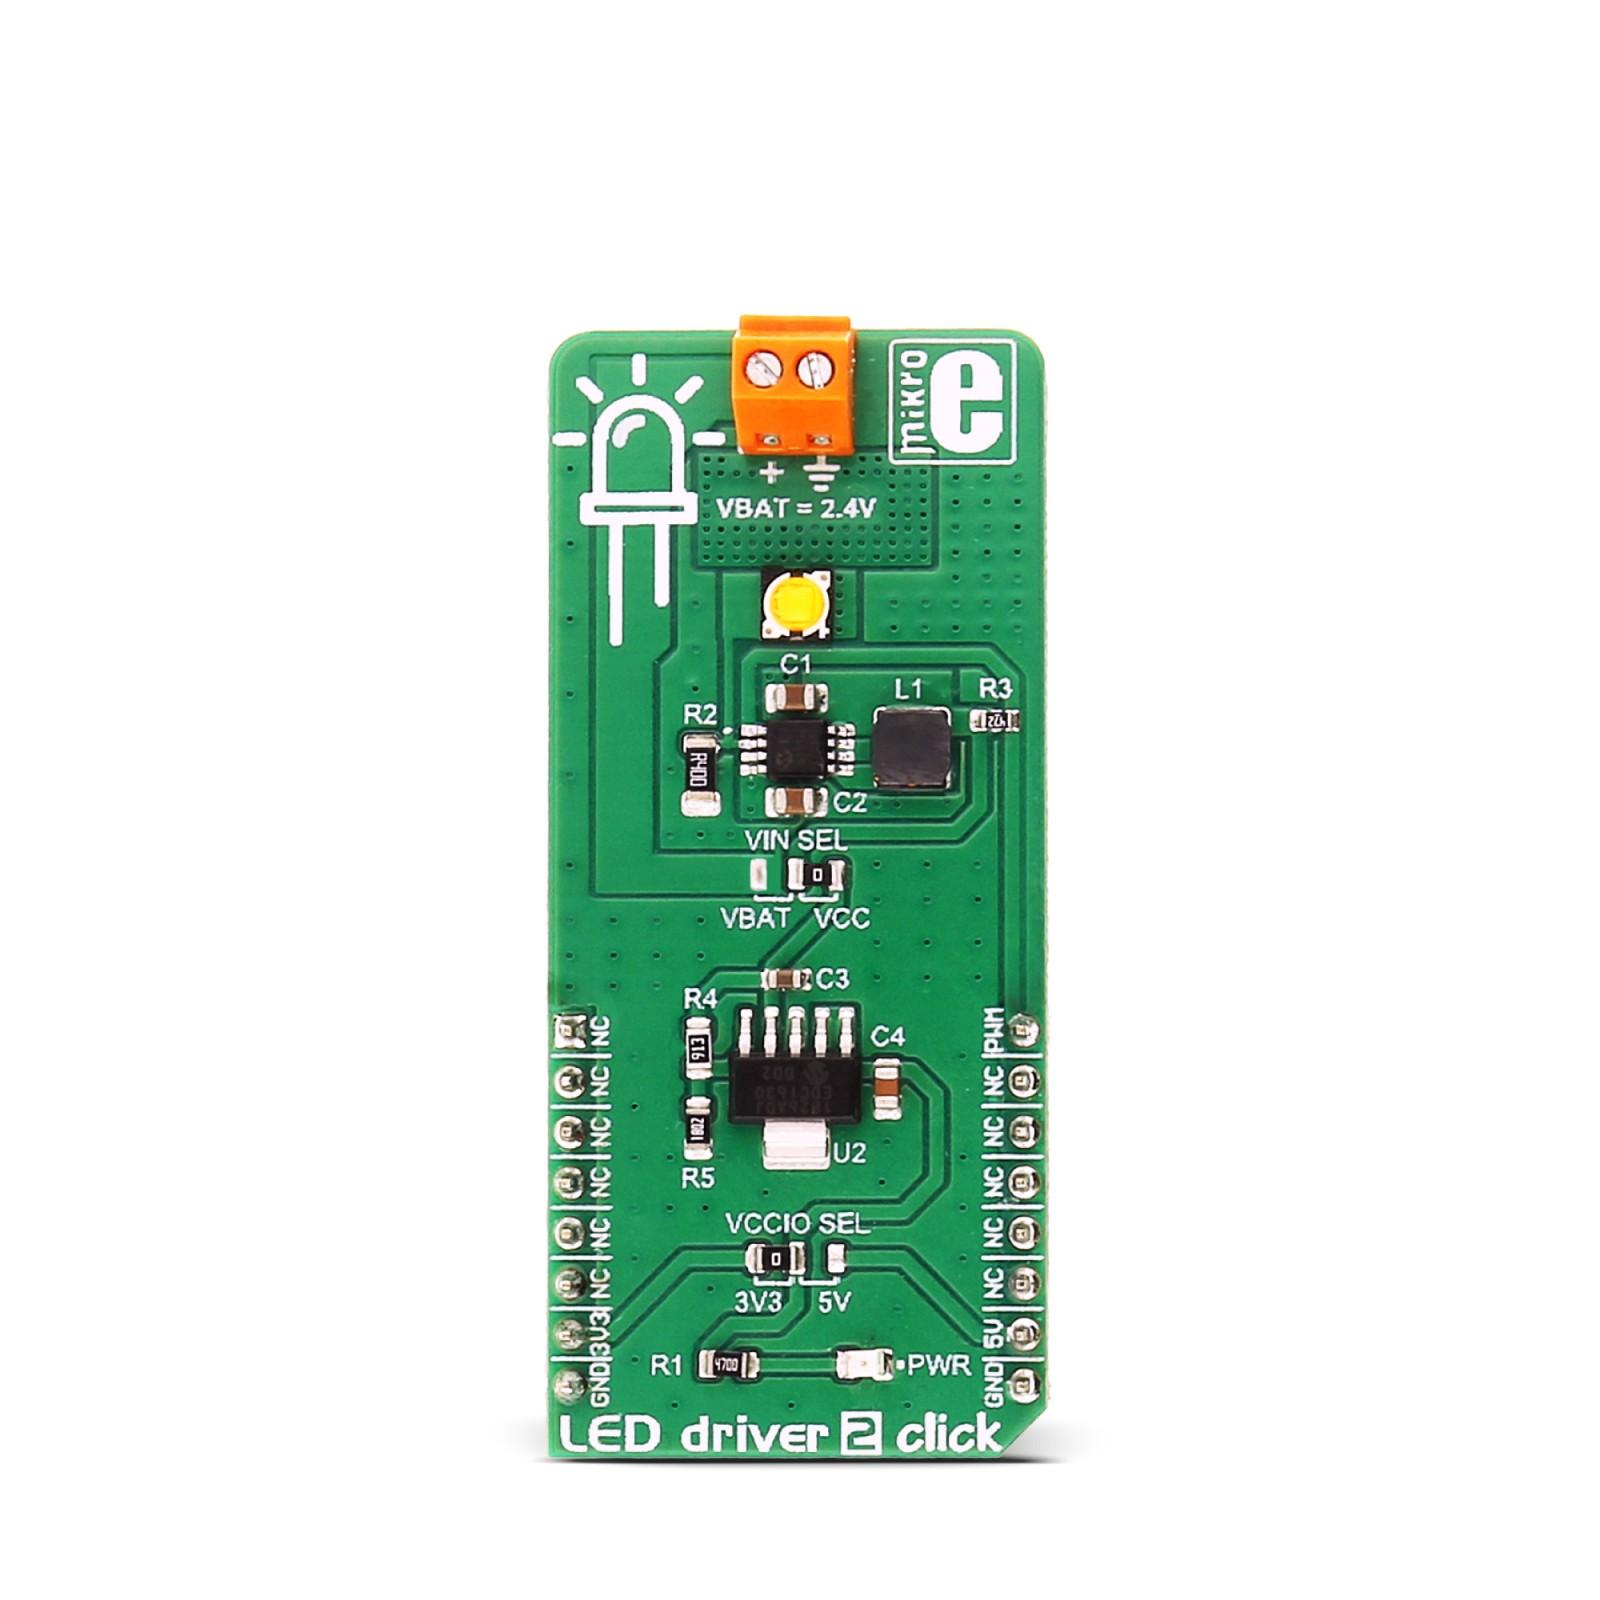 Led Driver 2 Click Mikroelektronika Circuit For Mgctlbxnmzp Mgctlbxv5112 Mgctlbxlc Mgctlbxpprestashop